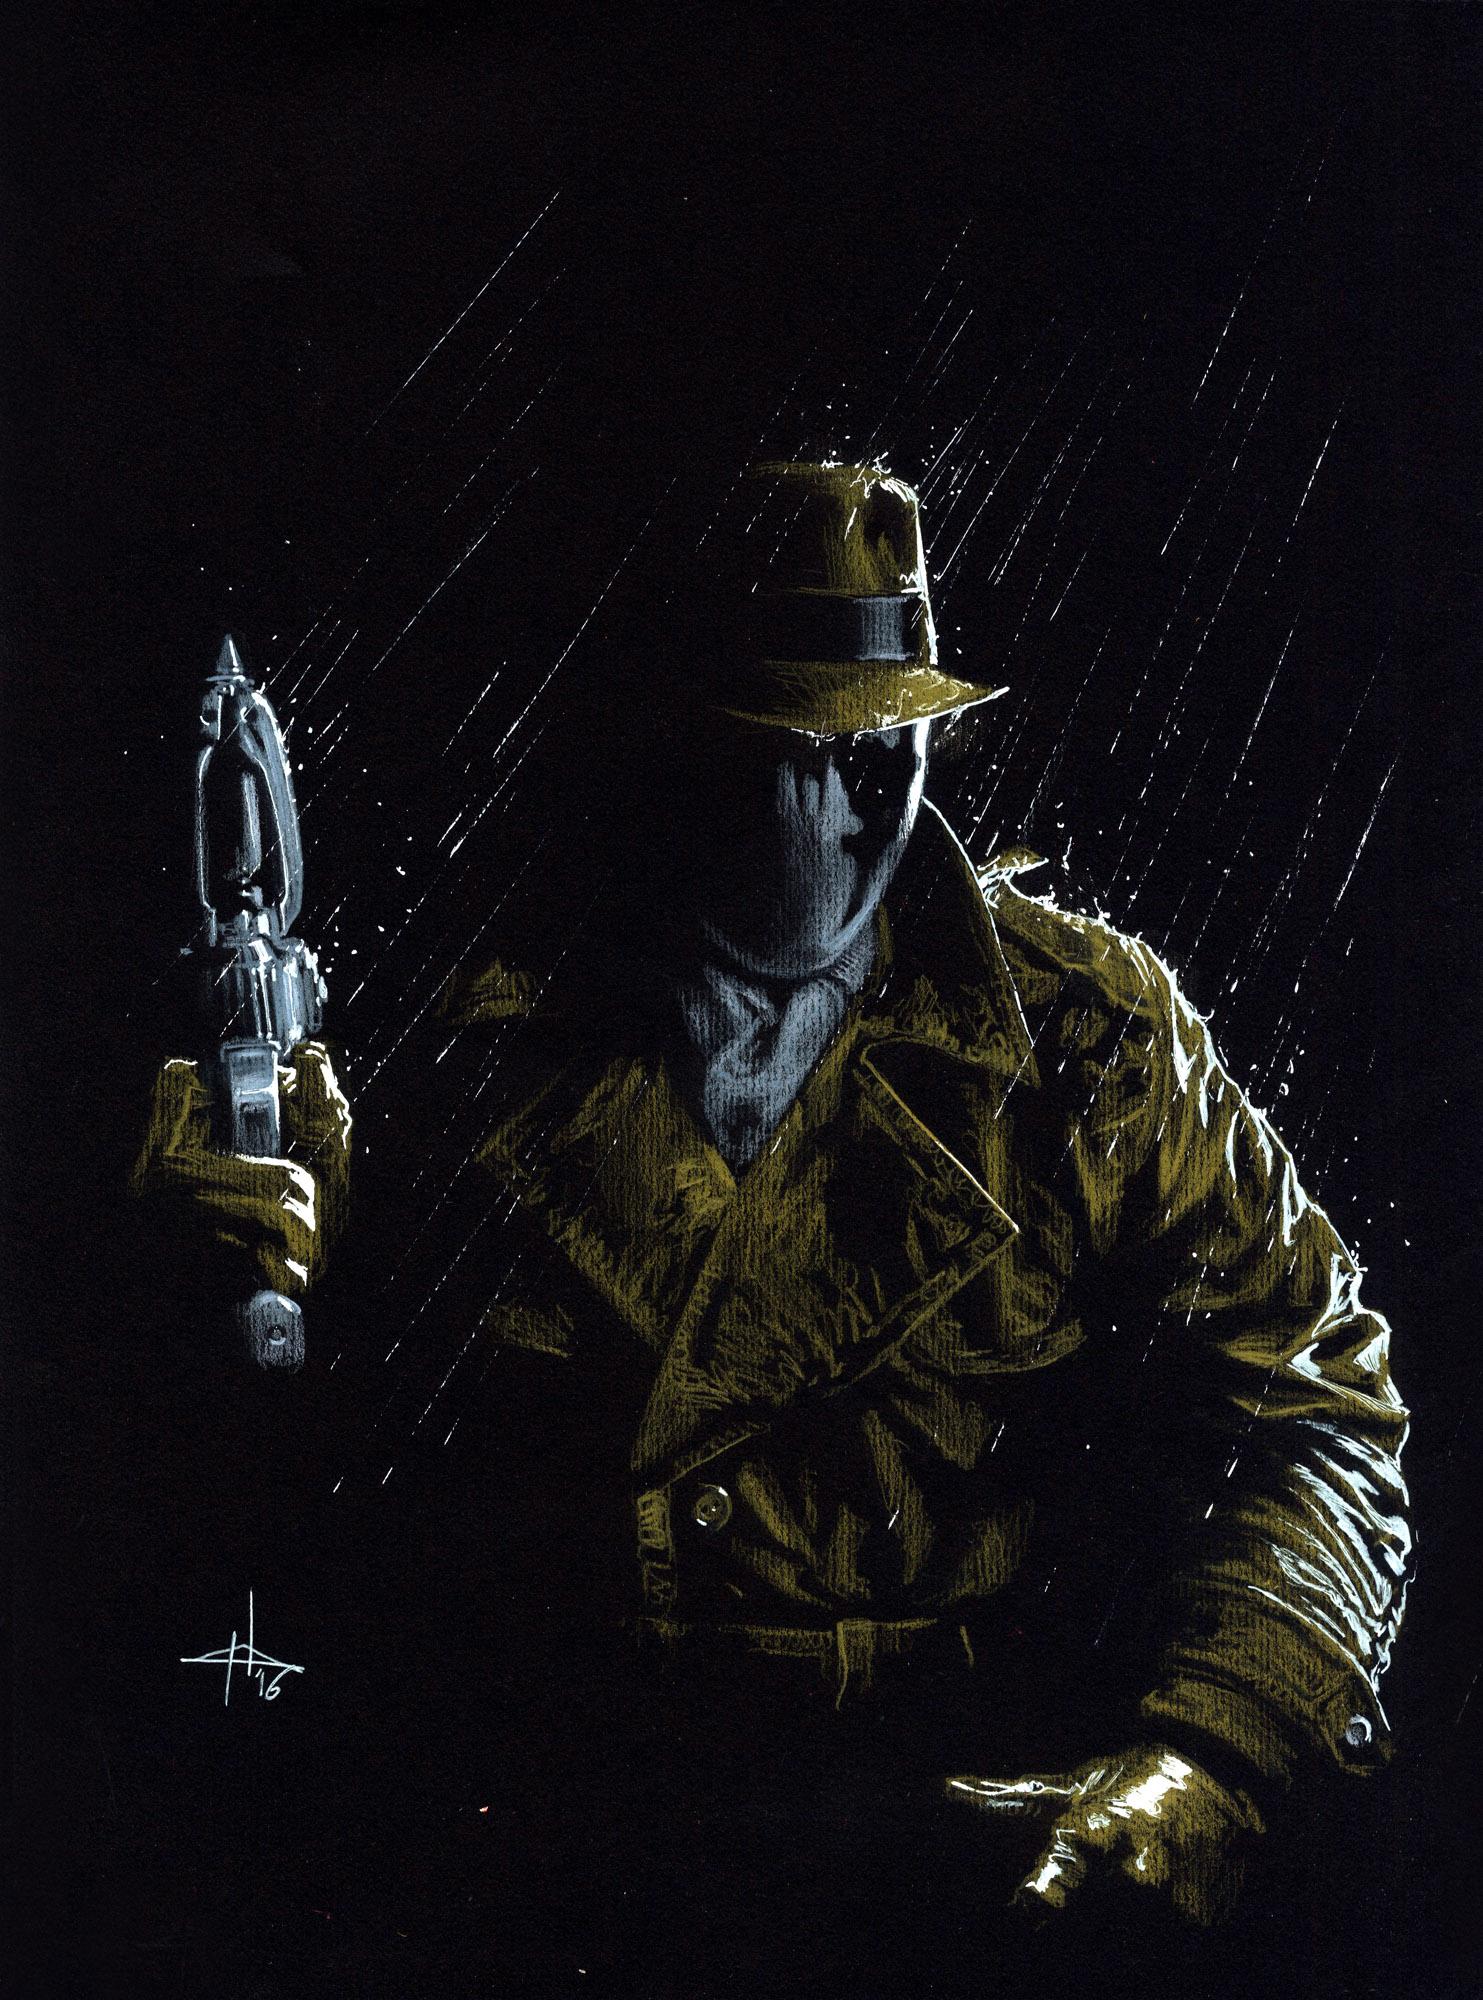 Watchman-ok